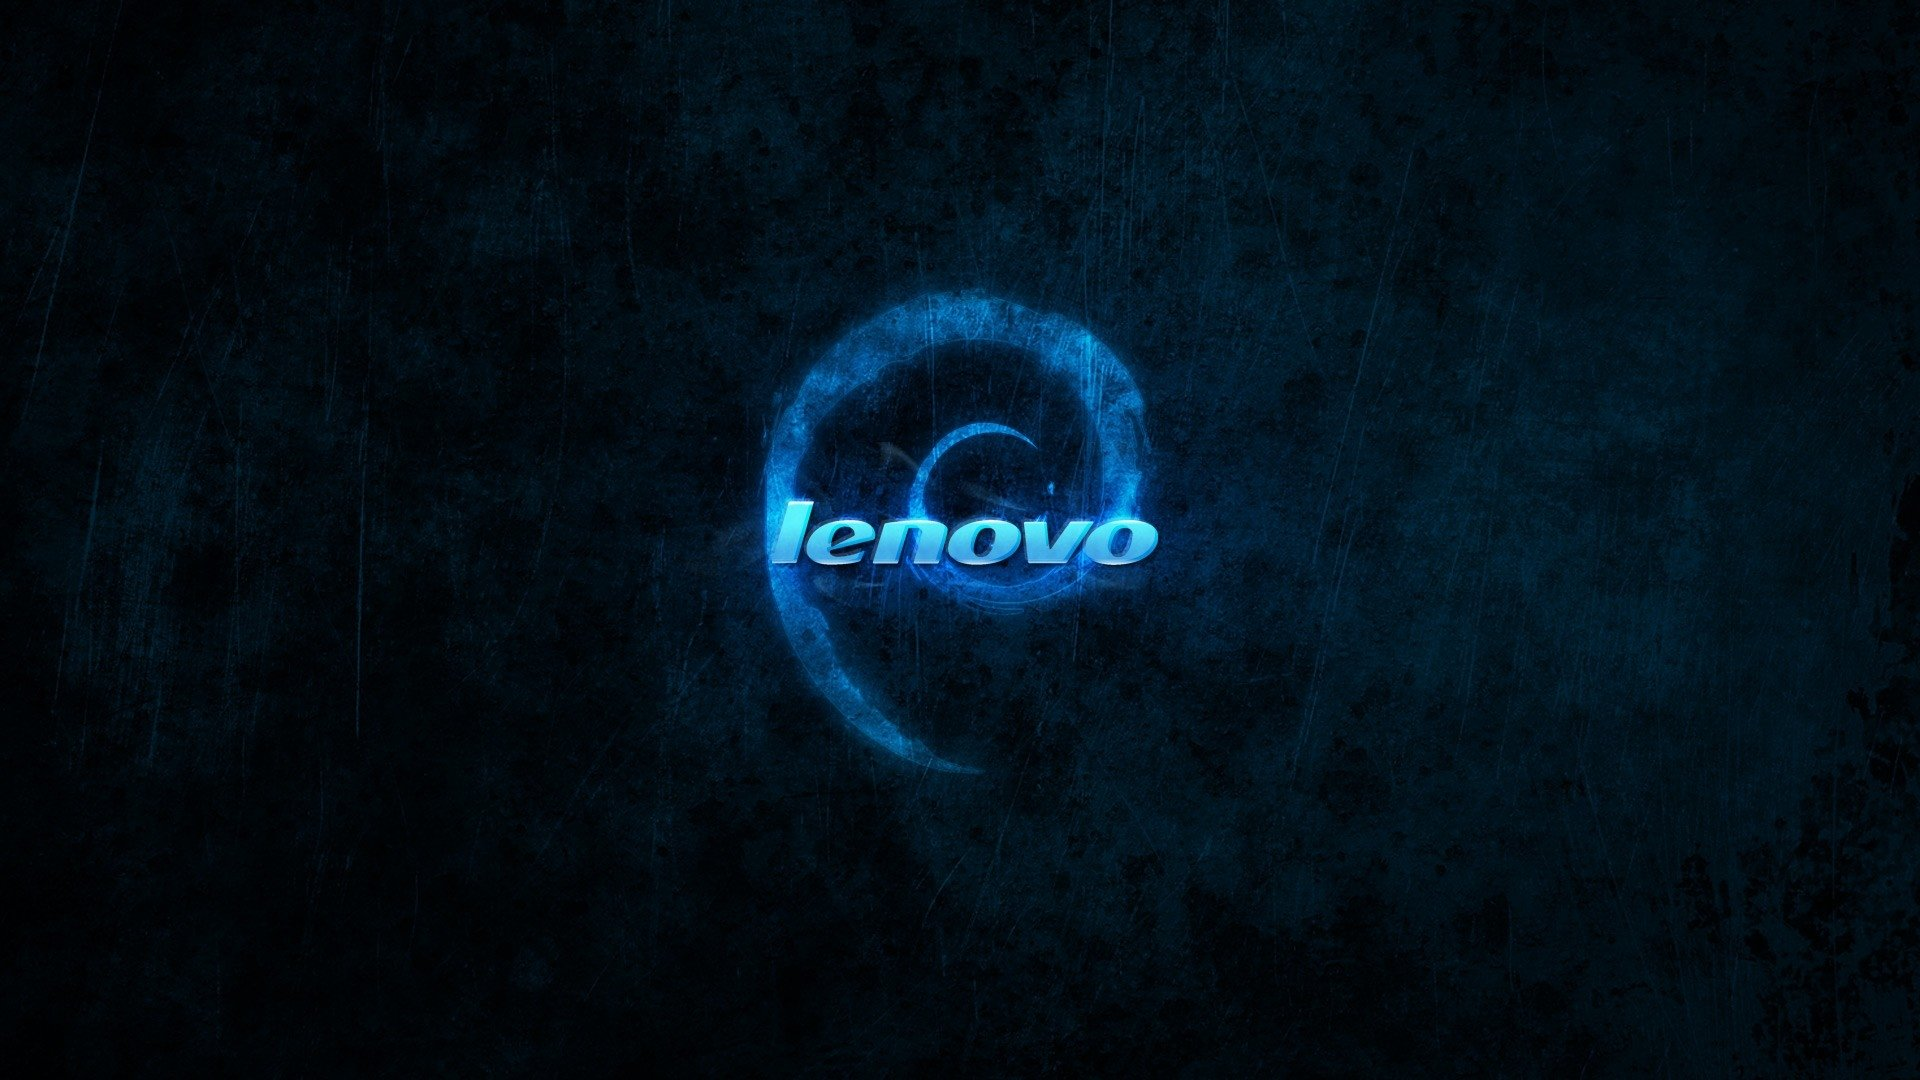 Lenovo Hd Duvar Kağıdı Arka Plan 1920x1080 Id461038